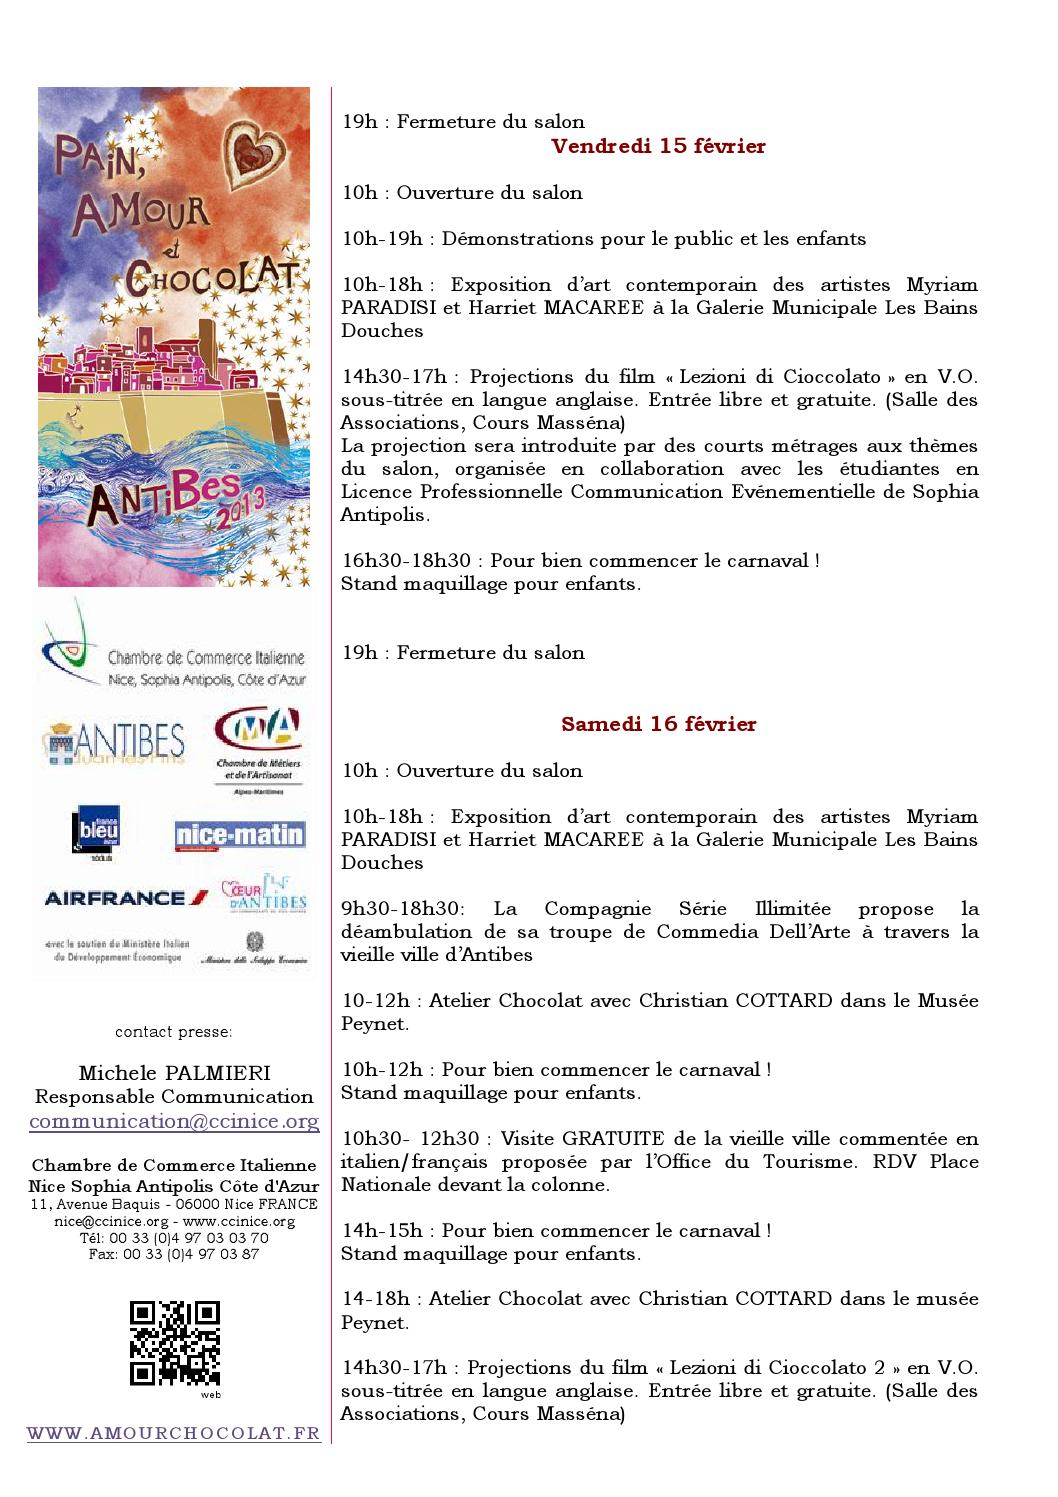 Resoconto della 7 edizione di pain amour et chocolat for Chambre de commerce italienne nice